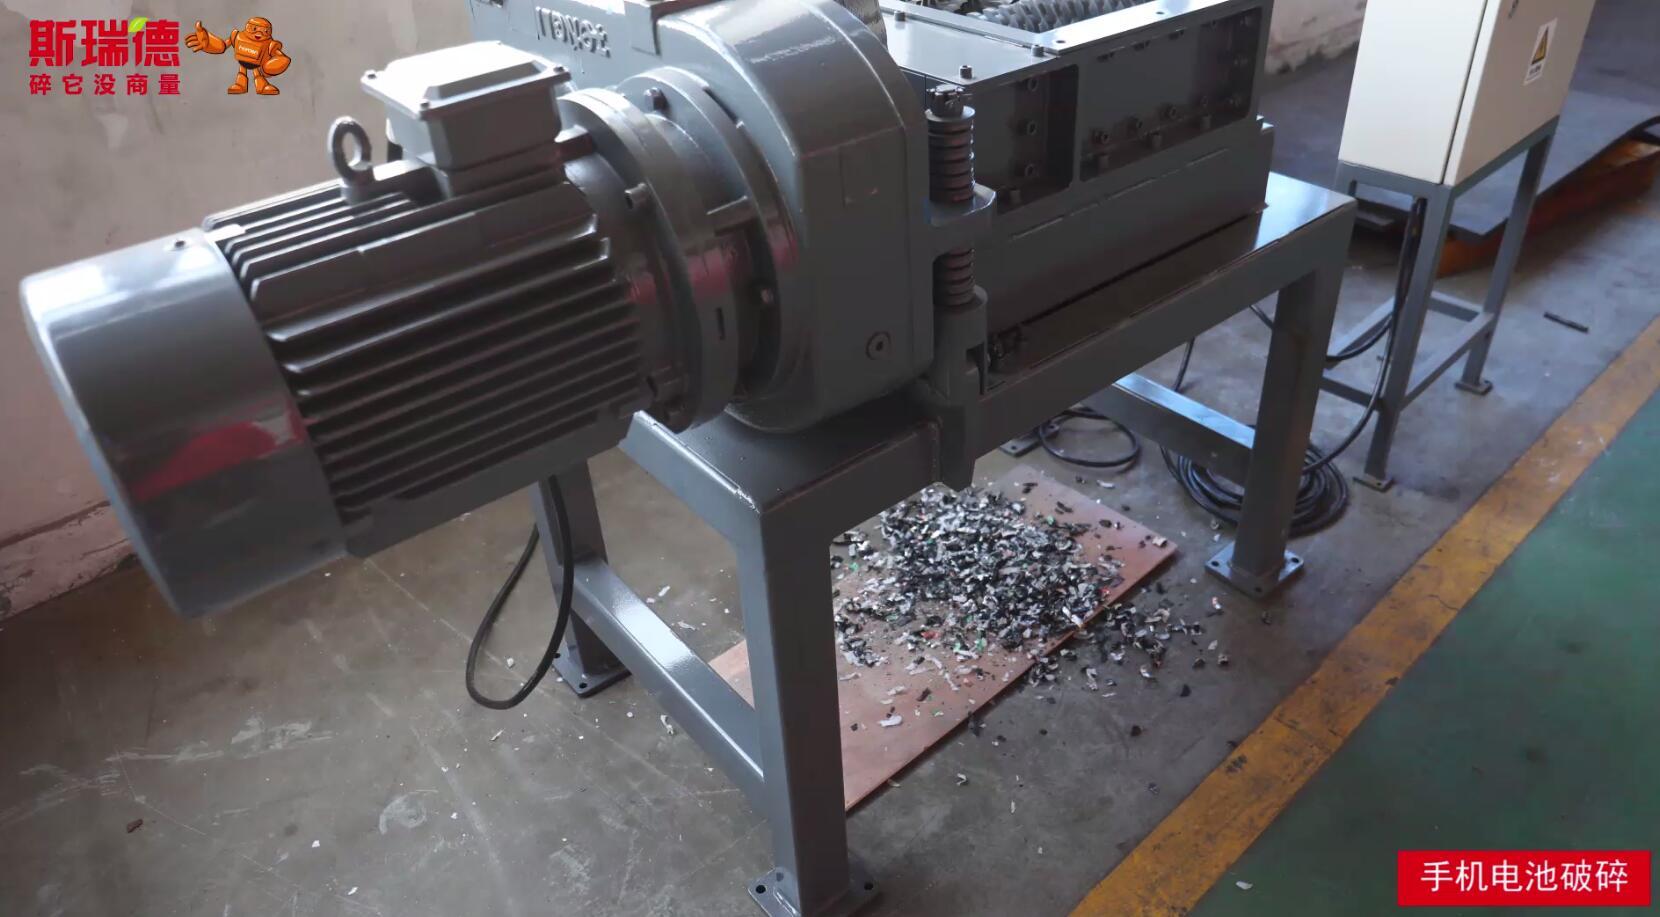 双轴剪切破碎机适用锂电池拆解回收工艺